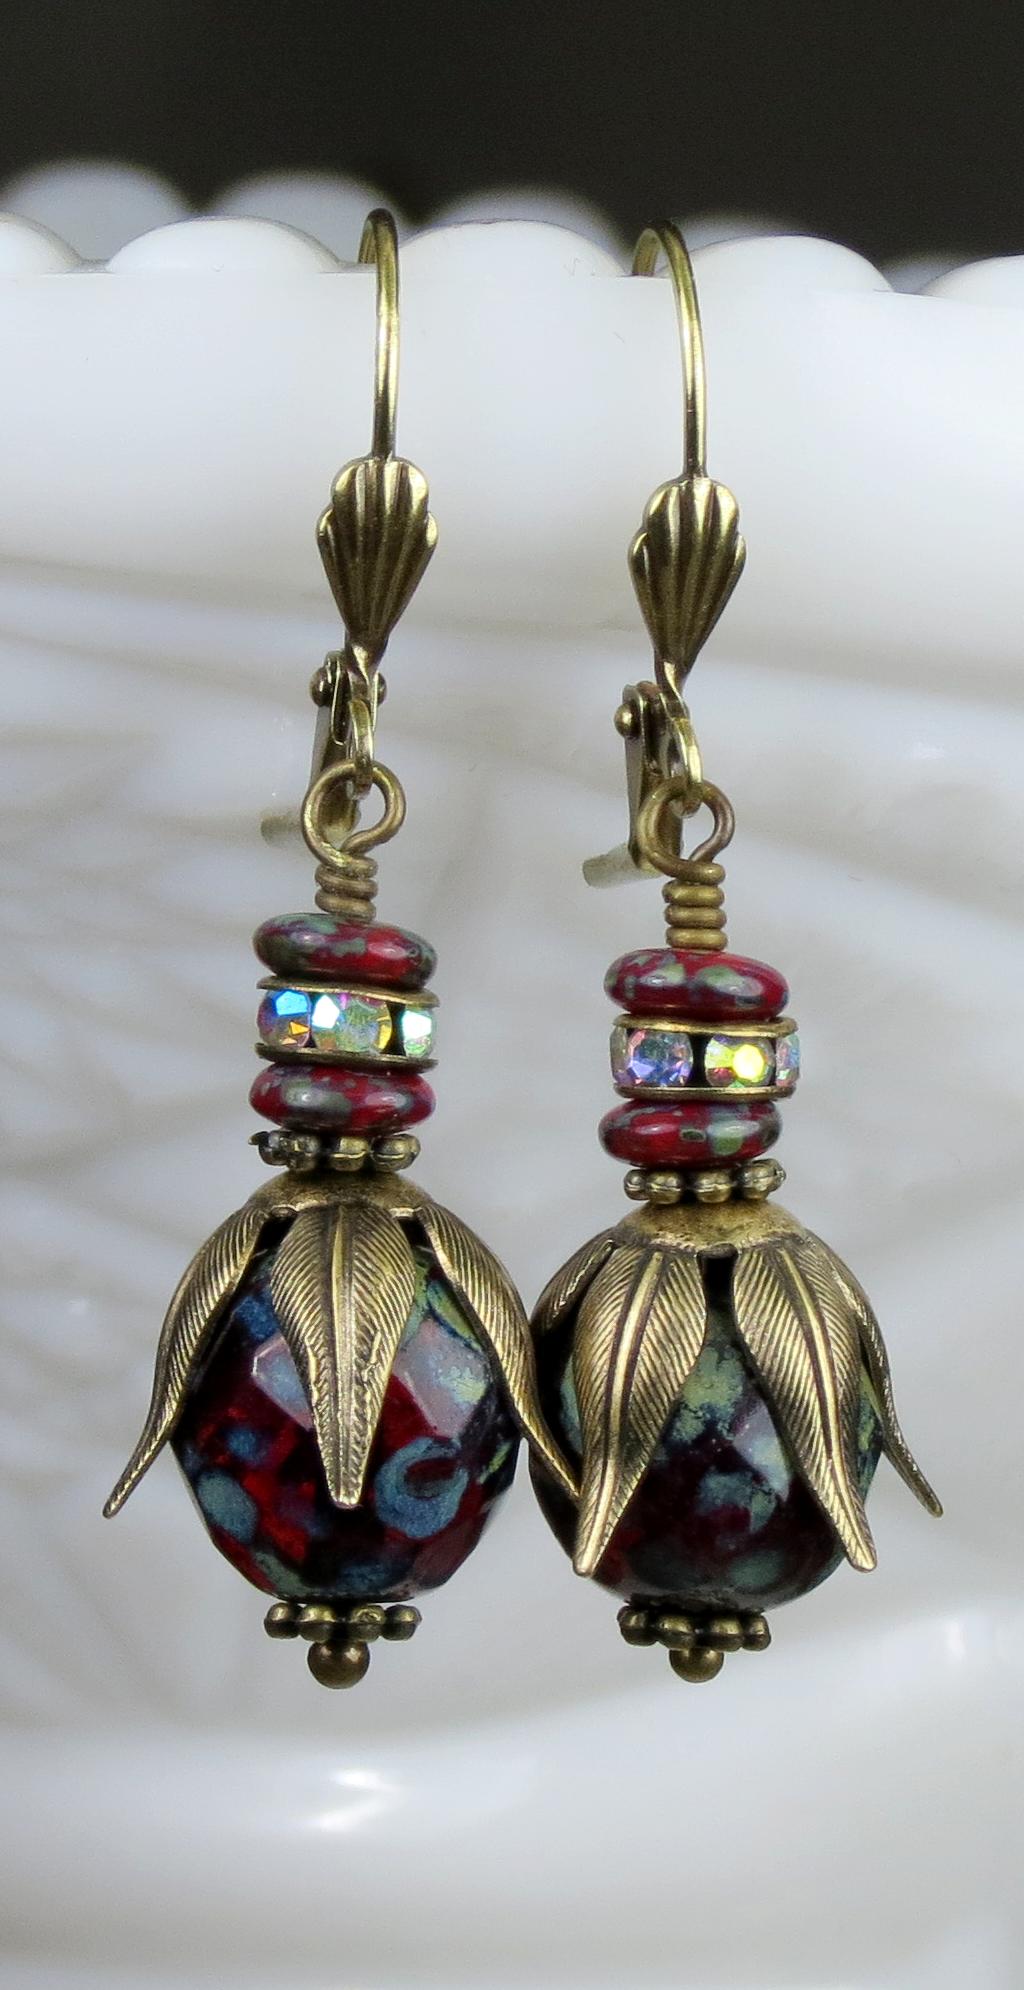 Neo Victorian Dangle Earrings, Rustic Red Czech Glass Bead Earrings,  Vintage Style Earrings, Steampunk Earrings Jewelry, Antiqued Bronze